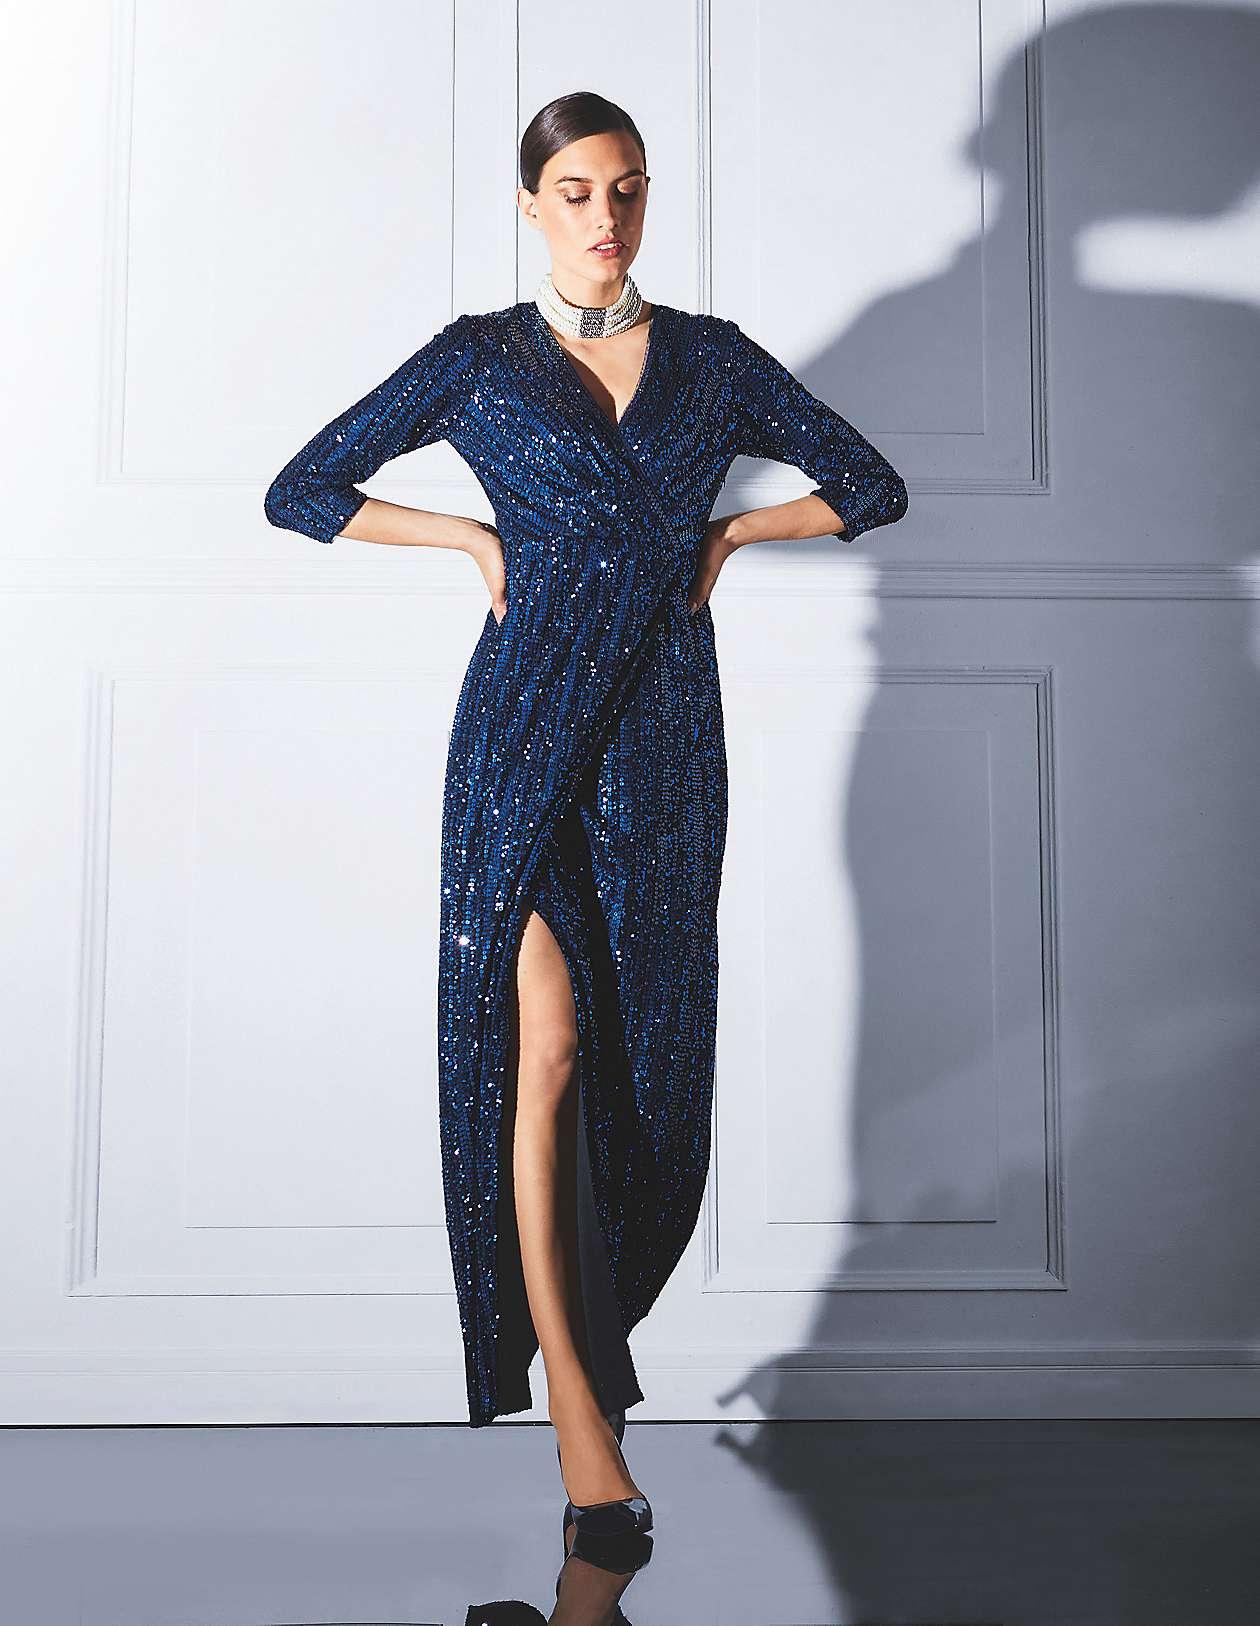 Elegante Kleider Fur Stilvolle Auftritte Bestellen Madeleine Mode